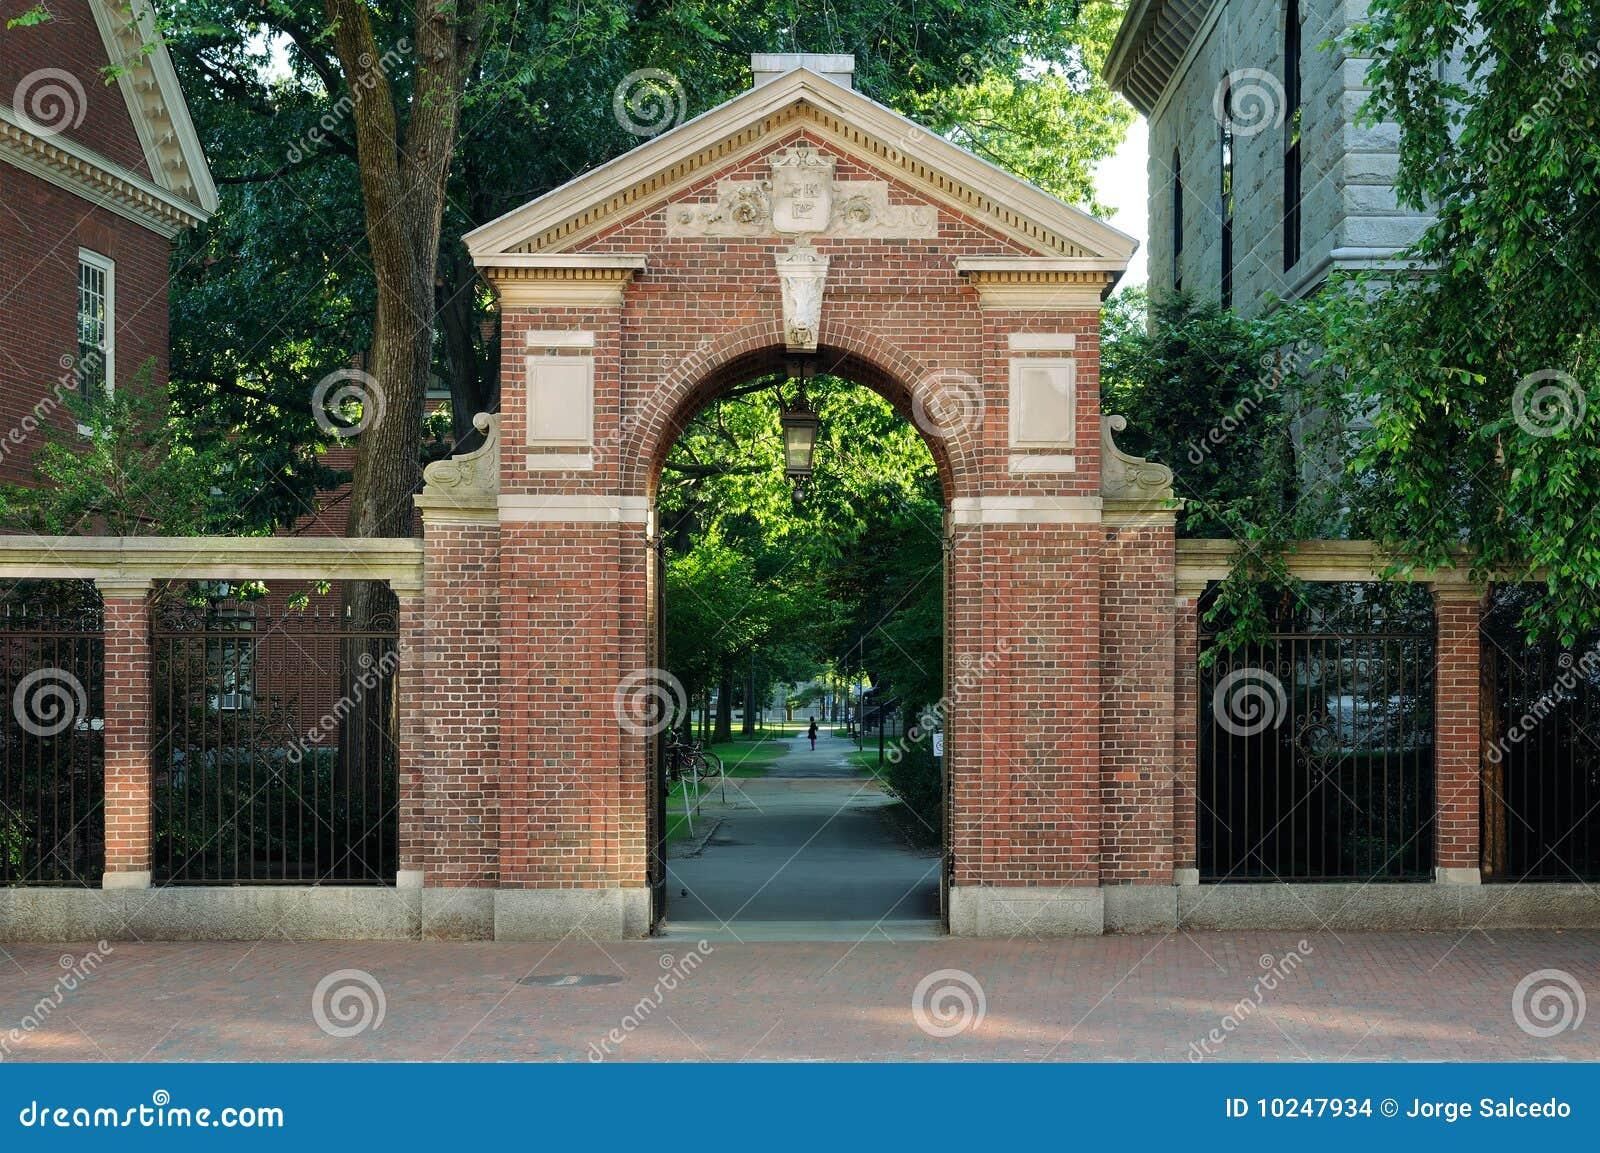 Porte d 39 entr e la cour de harvard images stock image for Porte de cour